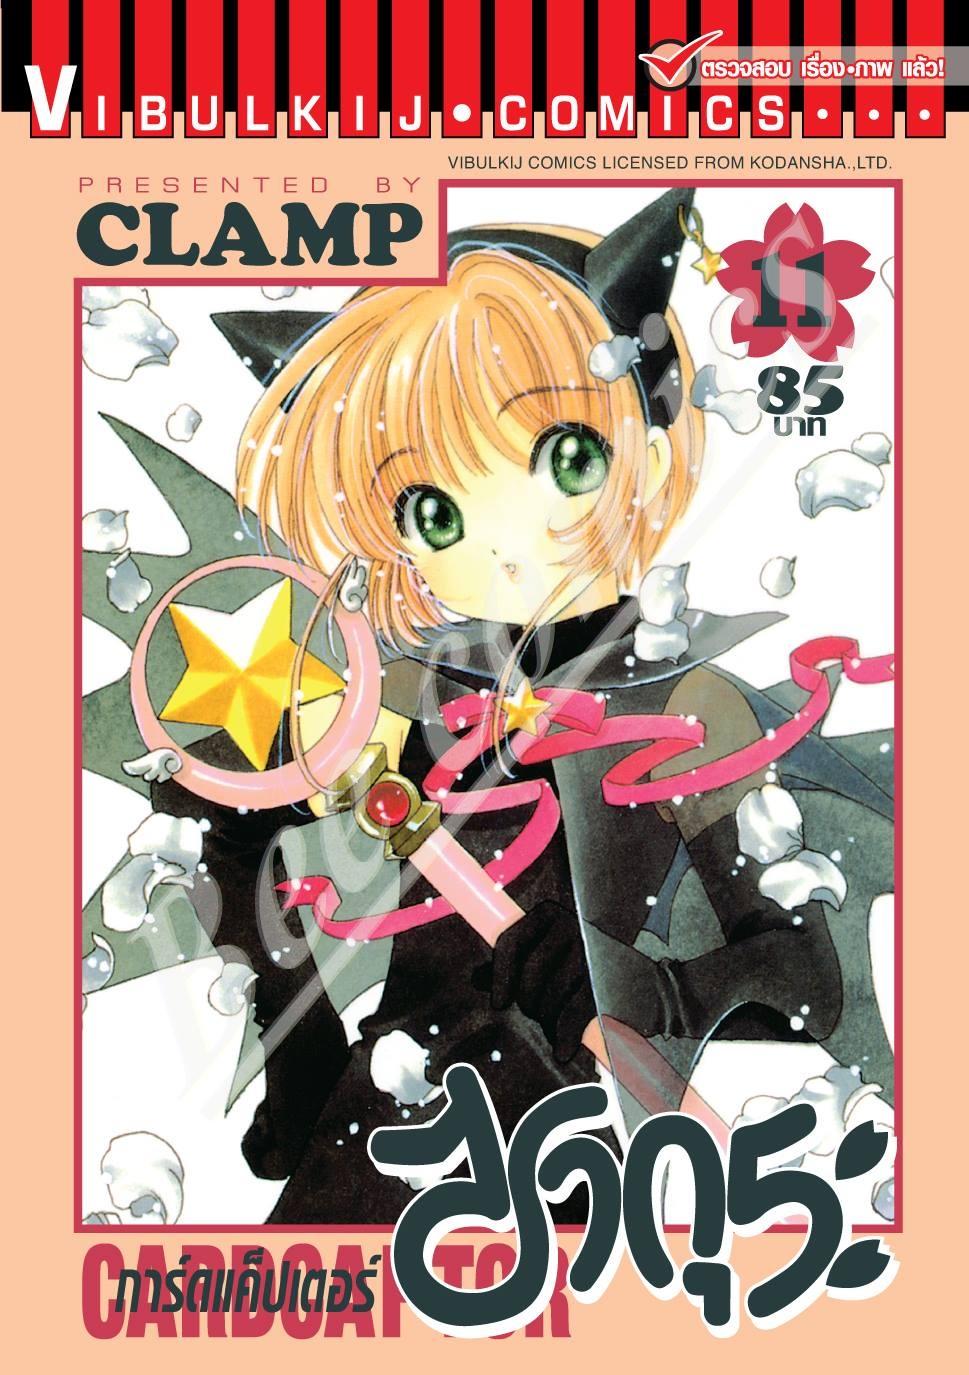 การ์ดแคปเตอร์ ซากุระ Cardcaptor sakura เล่ม 11 สินค้าเข้าร้านวันจันทร์ที่ 16/10/60